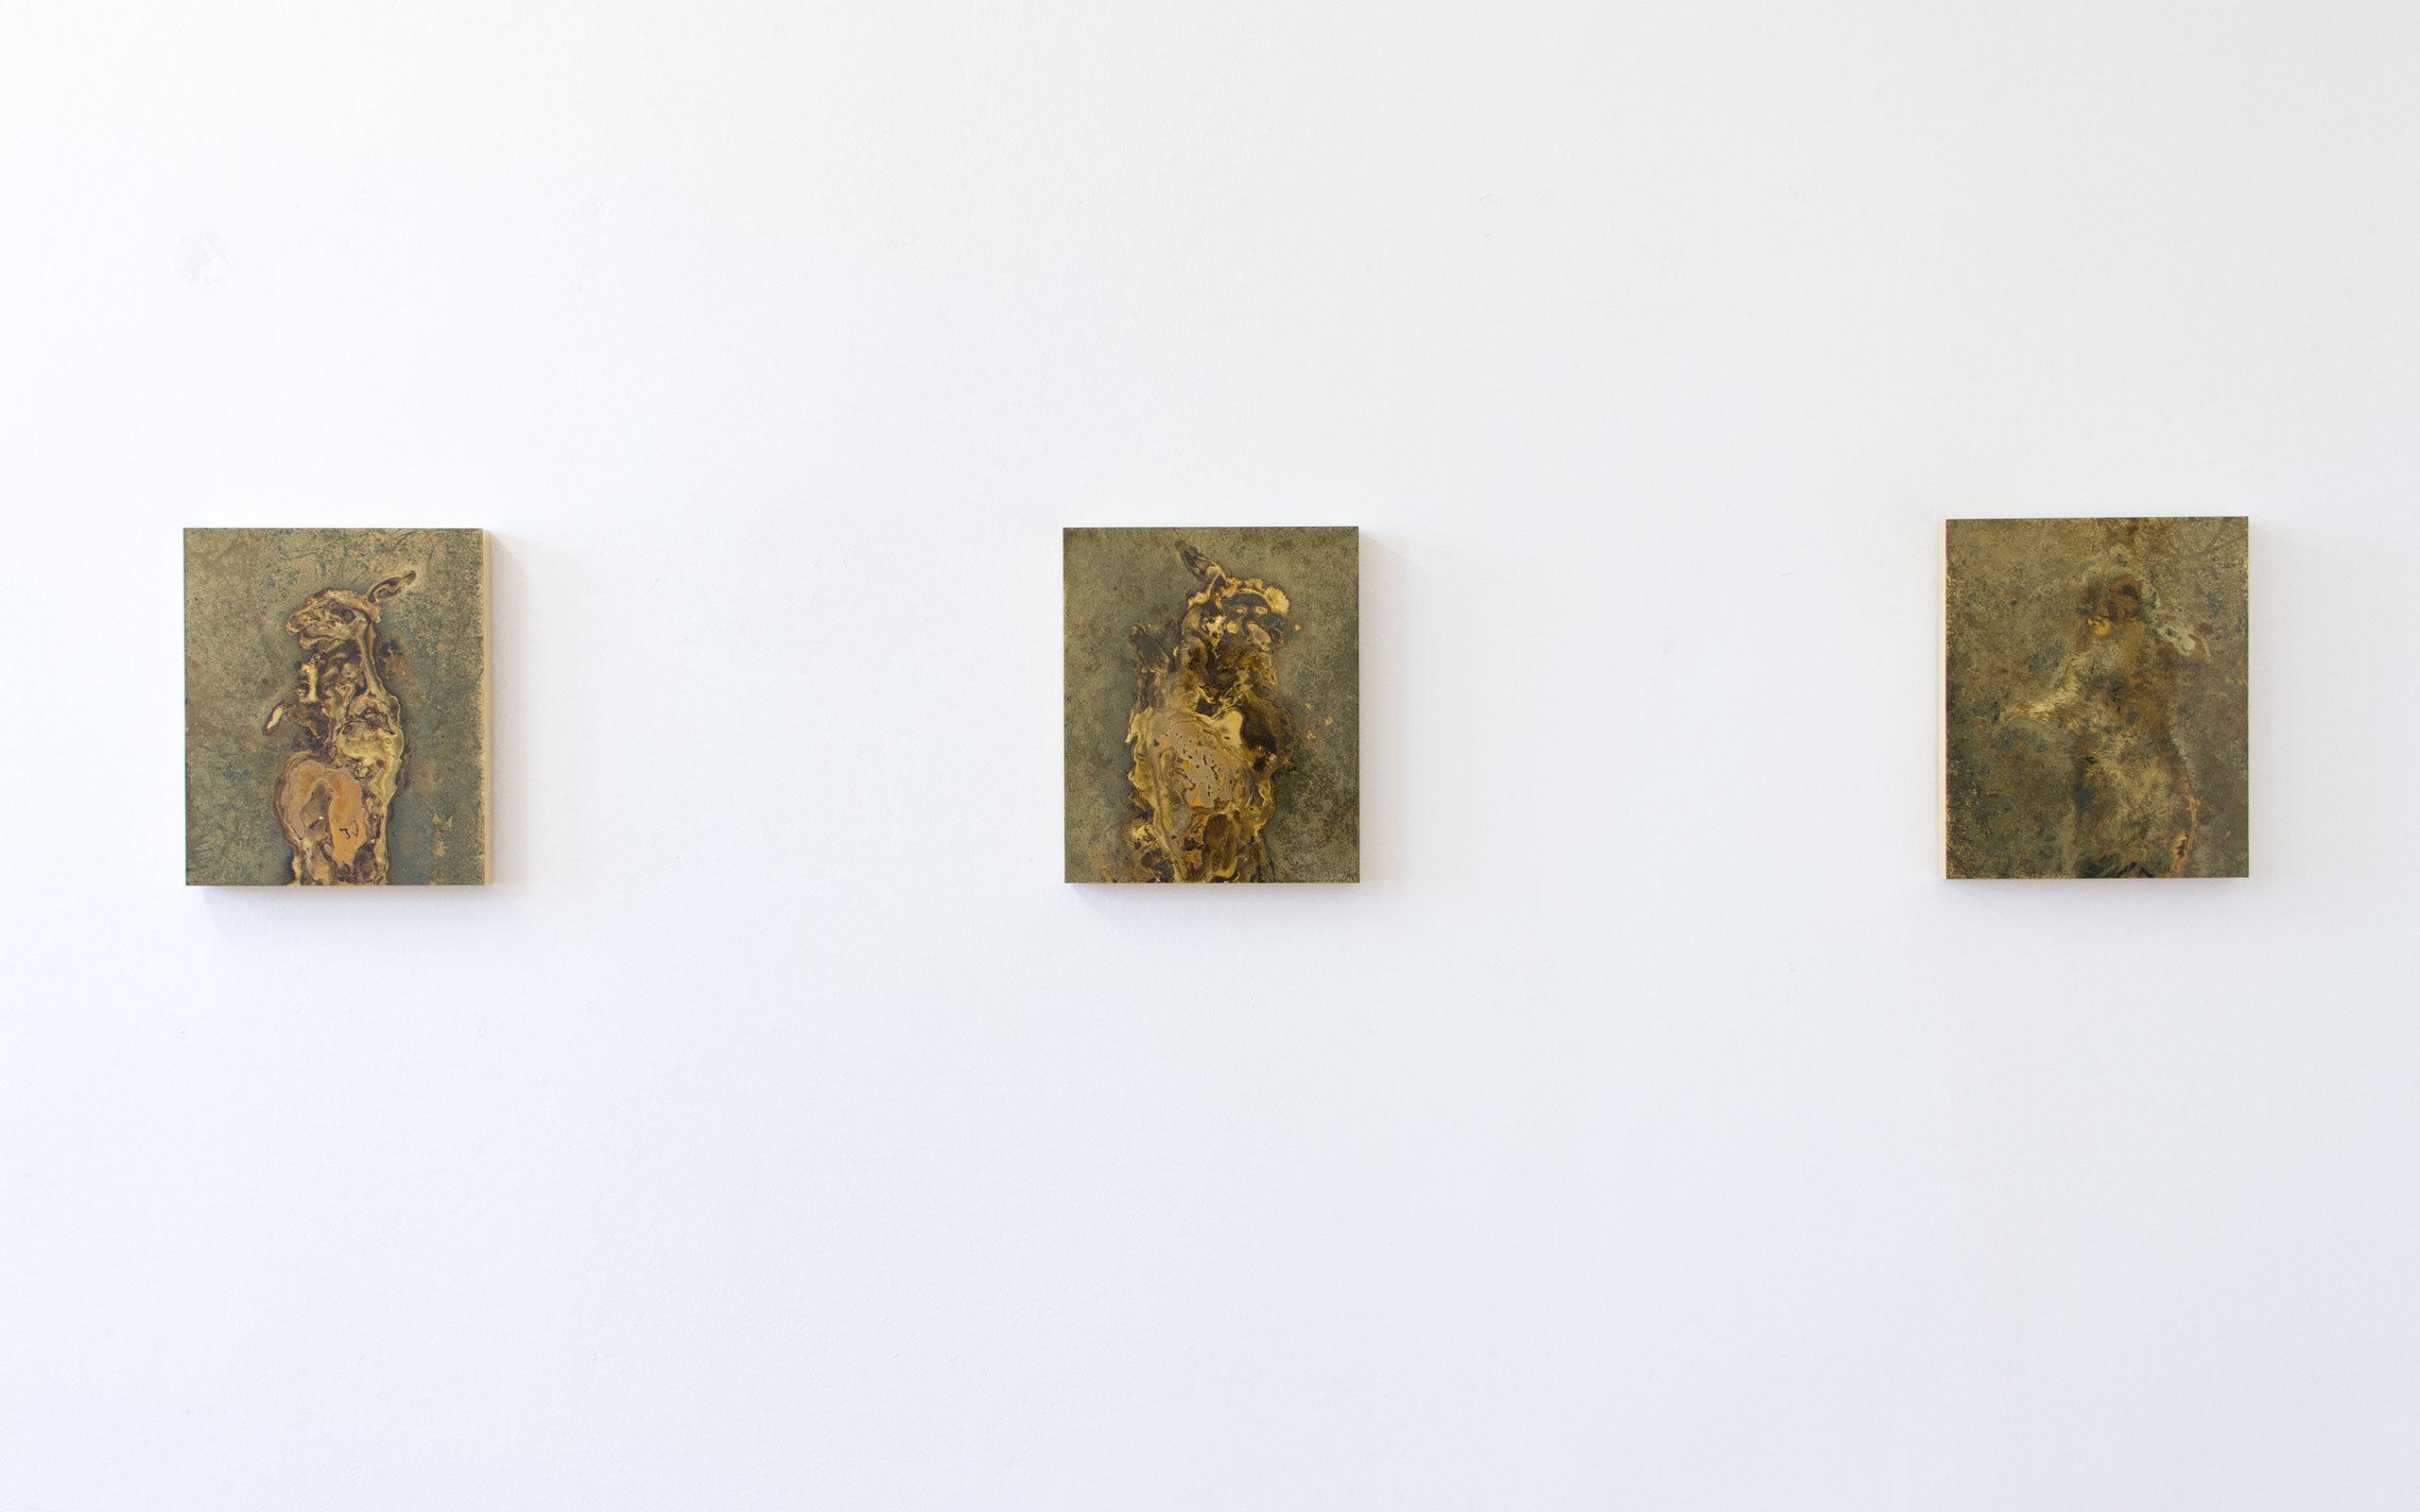 Toni R Toivonen Portrait Of A Hare 12 13 14 15